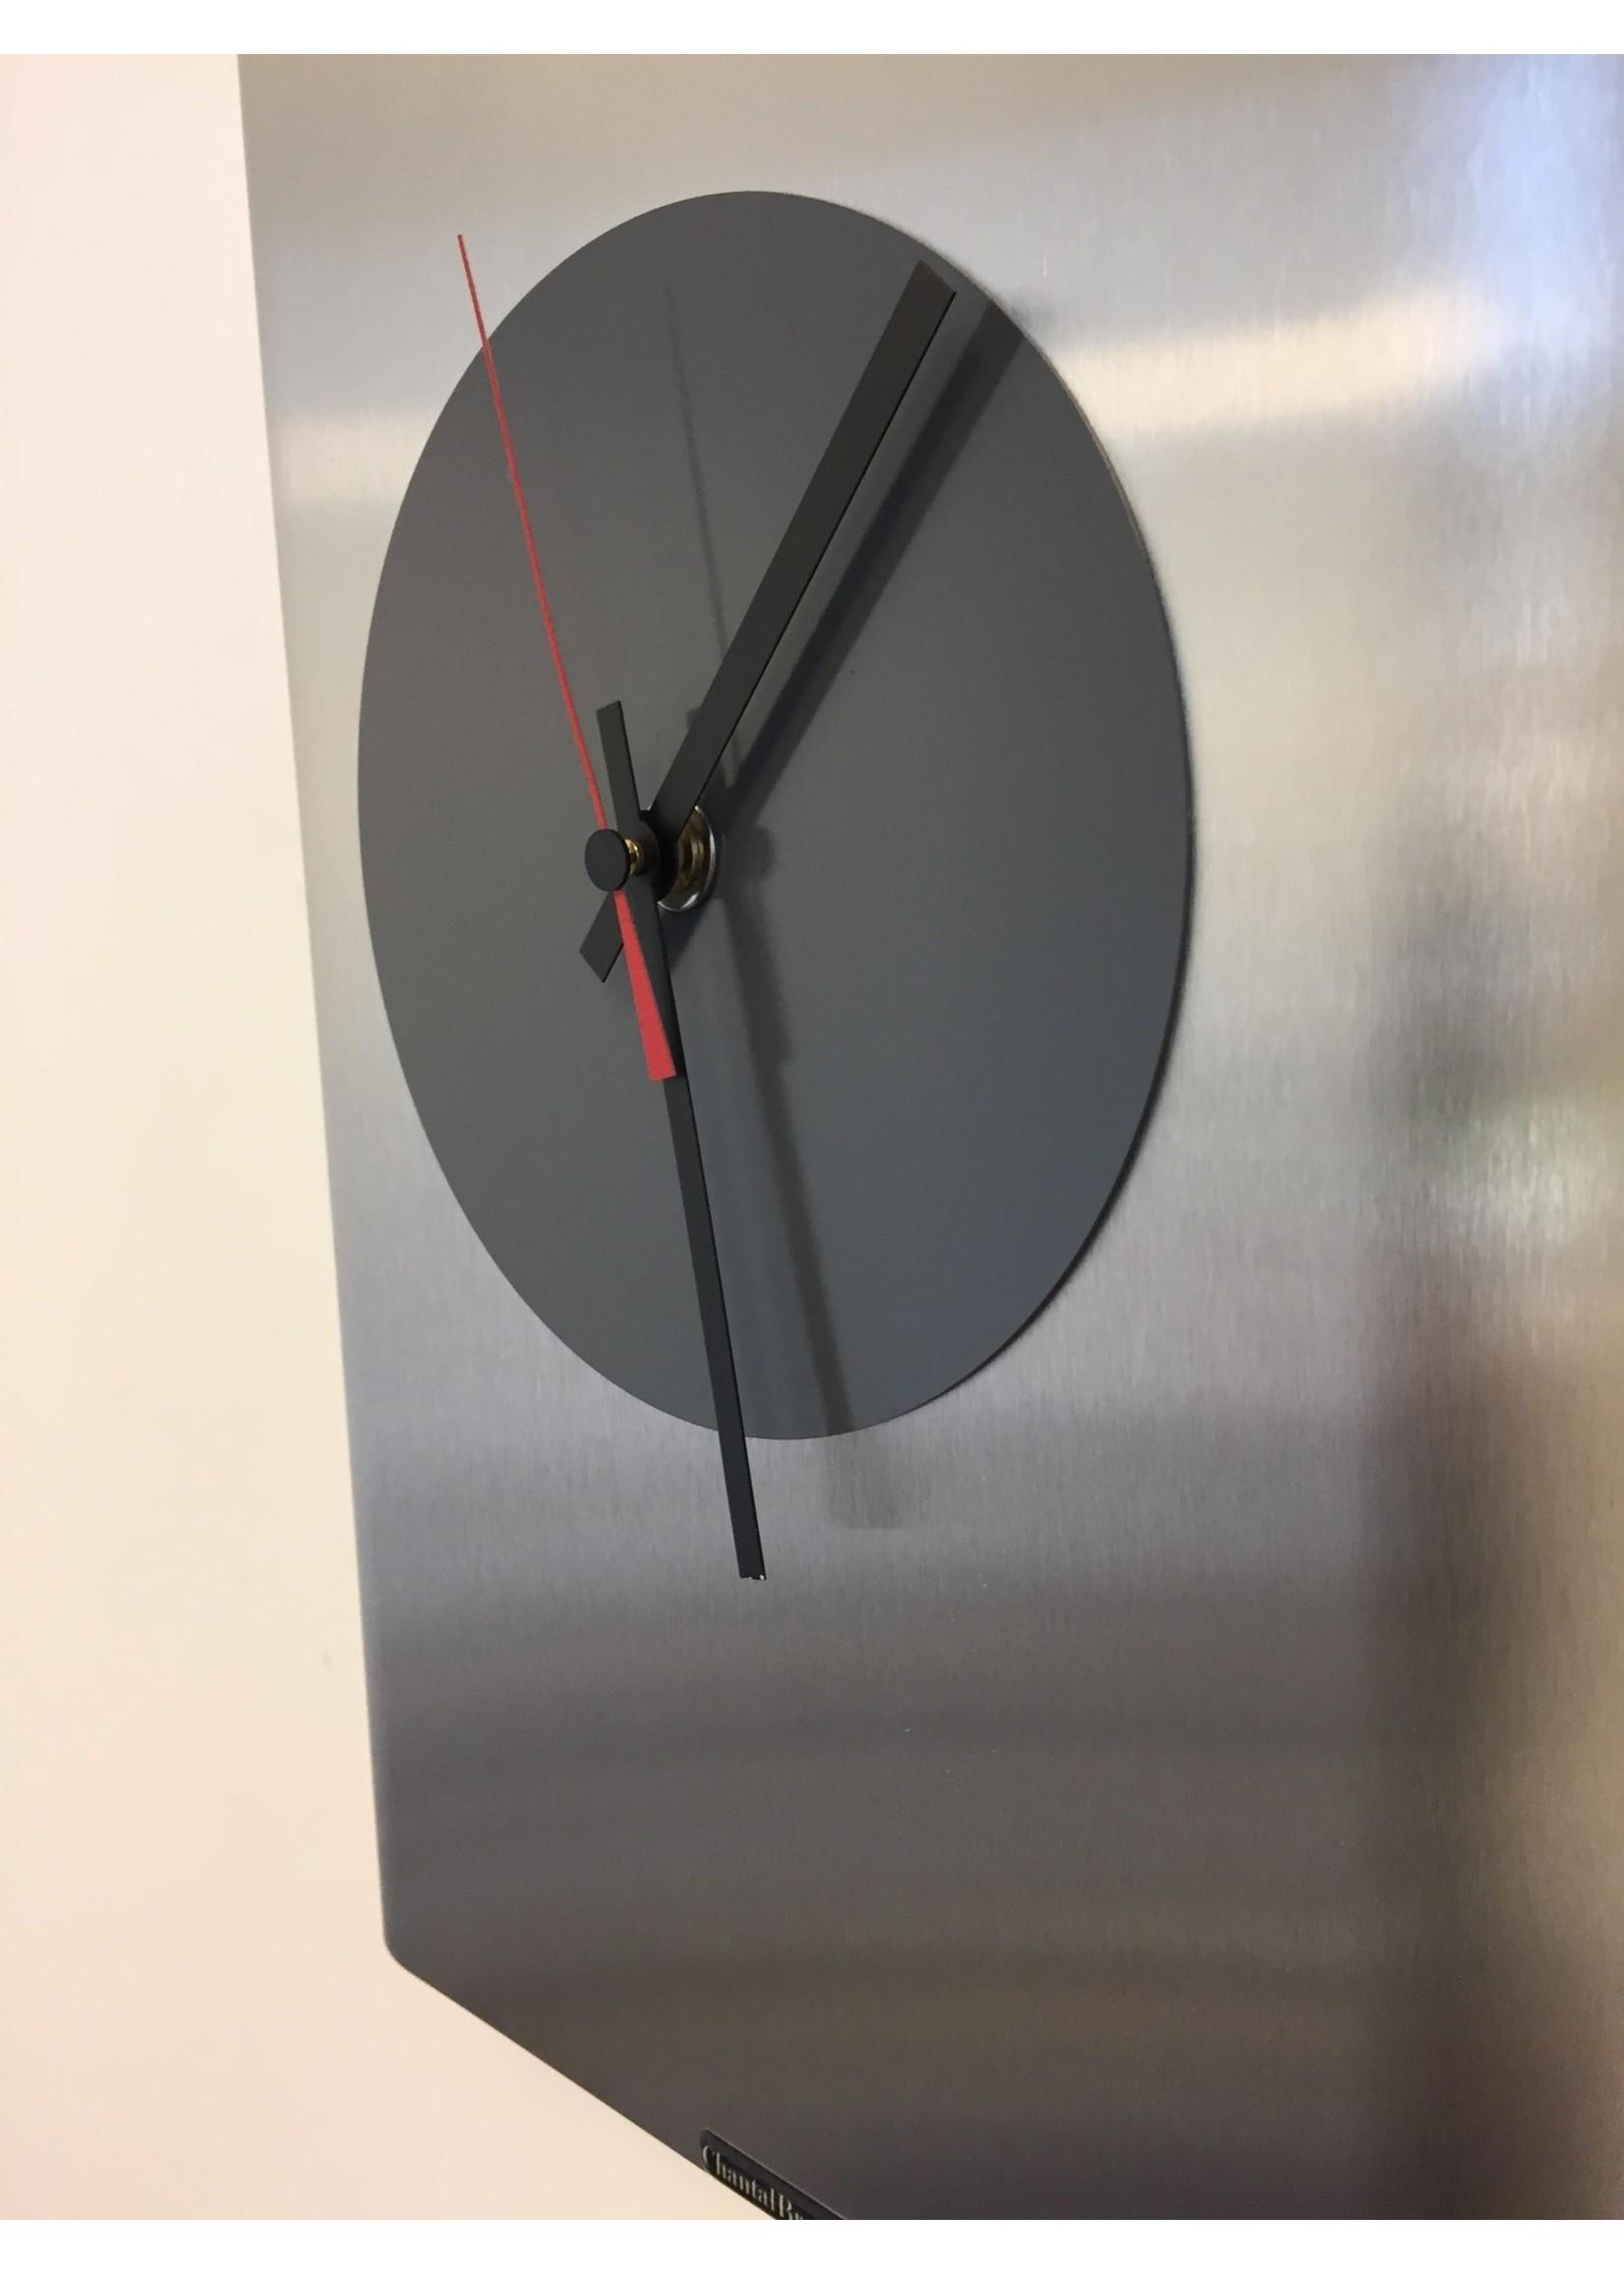 Klokkendiscounter Wandklok RVS Leeuwarden Design